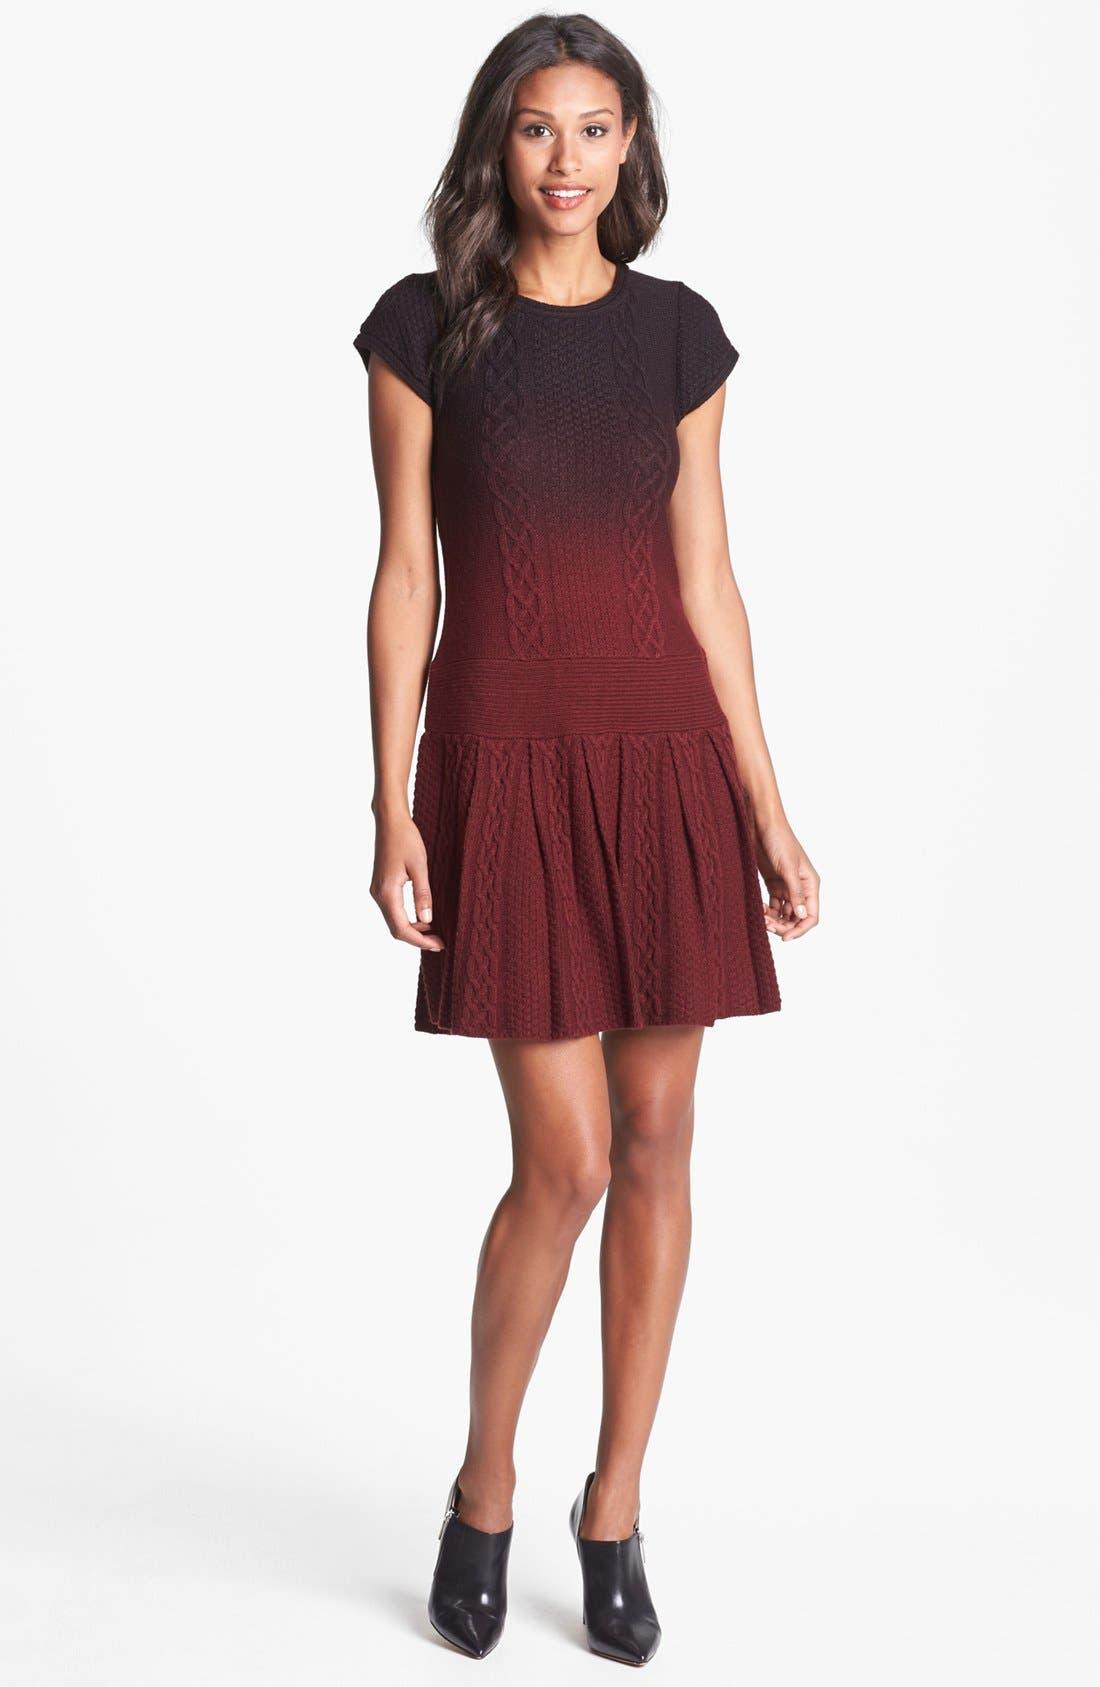 Ombré Sweater Dress,                             Main thumbnail 1, color,                             930